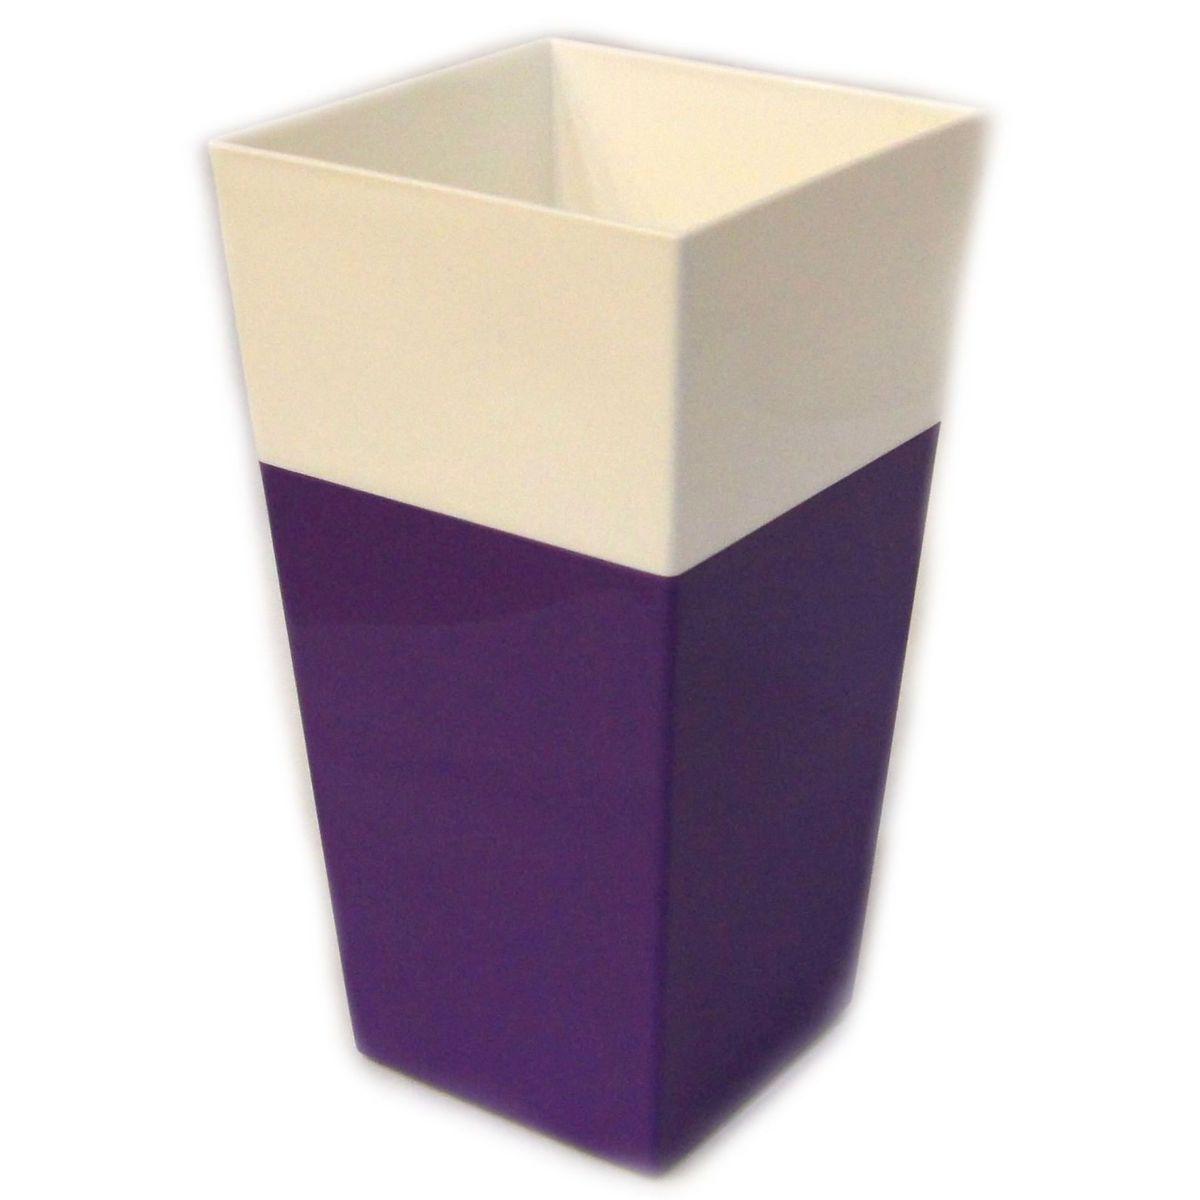 Кашпо JetPlast Дуэт, цвет: фиолетовый, белый, высота 26 см4612754052110Кашпо имеет строгий дизайн и состоит из двух частей: верхней части для цветка и нижней – поддона. Конструкция горшка позволяет, при желании, использовать систему фитильного полива, снабдив горшок веревкой. Оно изготовлено из прочного полипропилена (пластика). Размеры кашпо: 13 x 13 x 26 см.